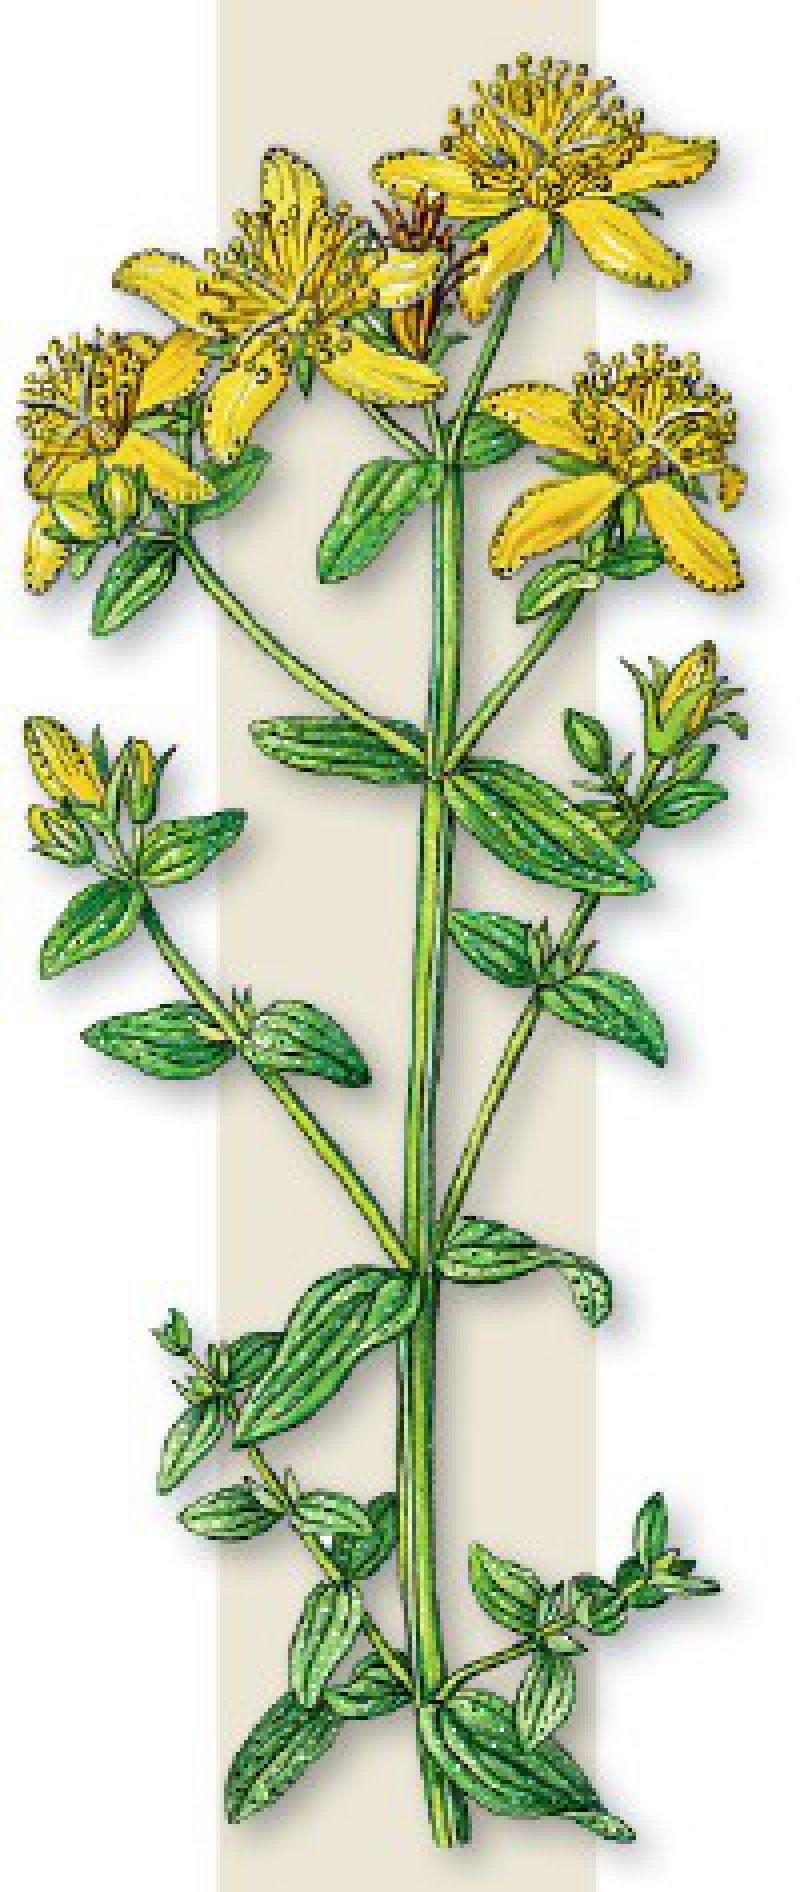 Johanniskraut (Hypericum perforatum), auch Tüpfeljohanniskraut oder Tüpfelhartheu genannt, ist eine Pflanze aus der Familie der Johanniskrautgewächse (Hypericaceae). Medizinisch eingesetzt wird es unter anderem zur Behandlung von leichten bis mittleren depressiven Verstimmungen oder nervöser Unruhe. Foto:picture alliance/bifab